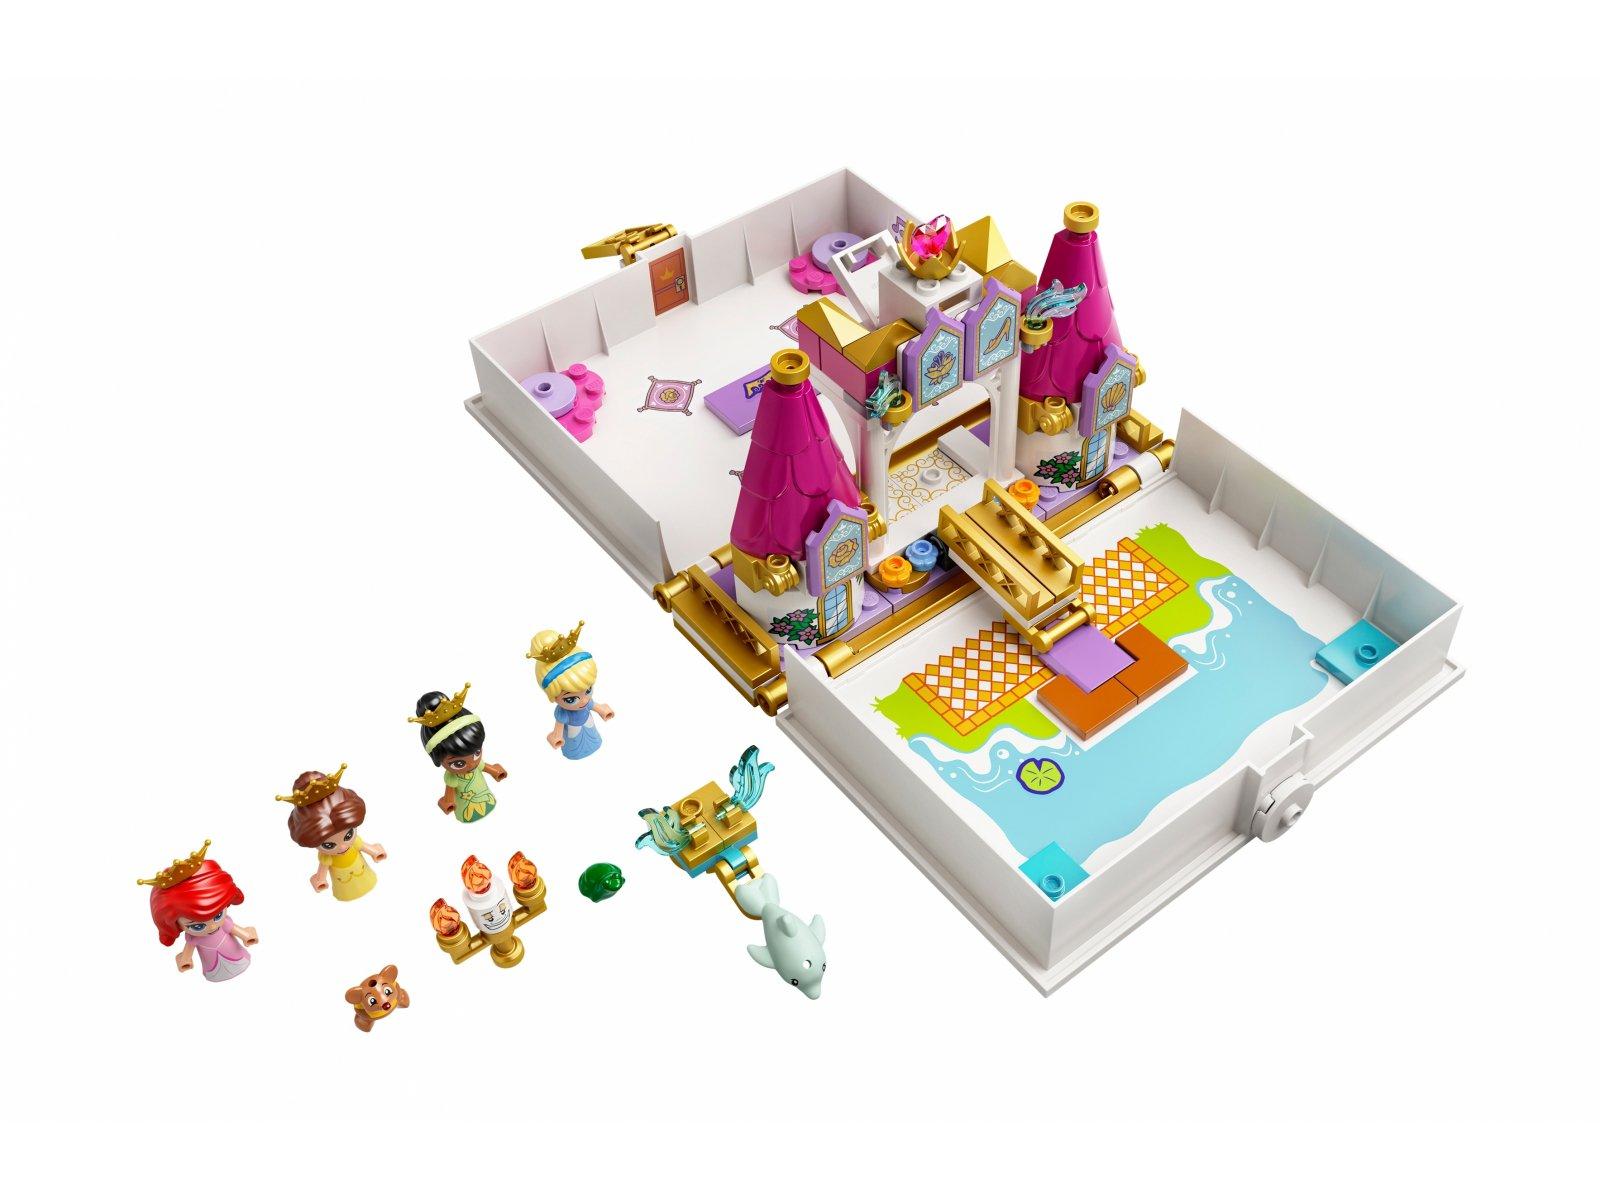 LEGO 43193 Książka z przygodami Arielki, Belli, Kopciuszka i Tiany